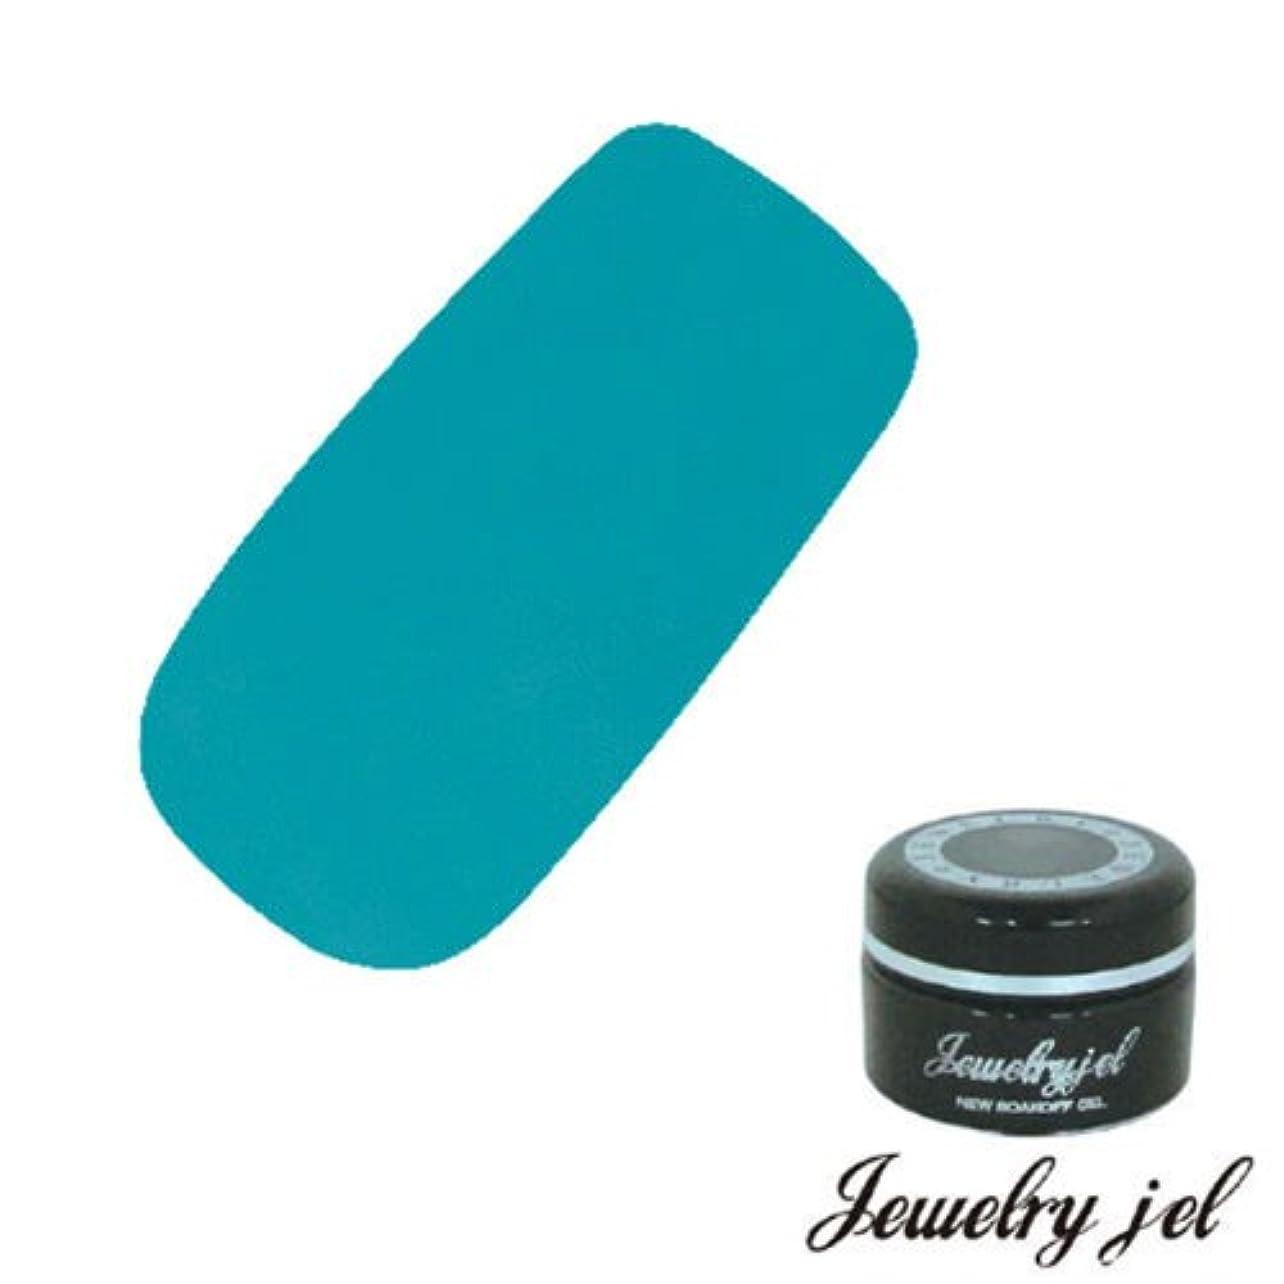 適合制限された購入ジュエリージェル ジェルネイル カラージェル SG210 3.5g エメラルドブルー パール入り UV/LED対応  ソークオフジェル カクテルシャーベット